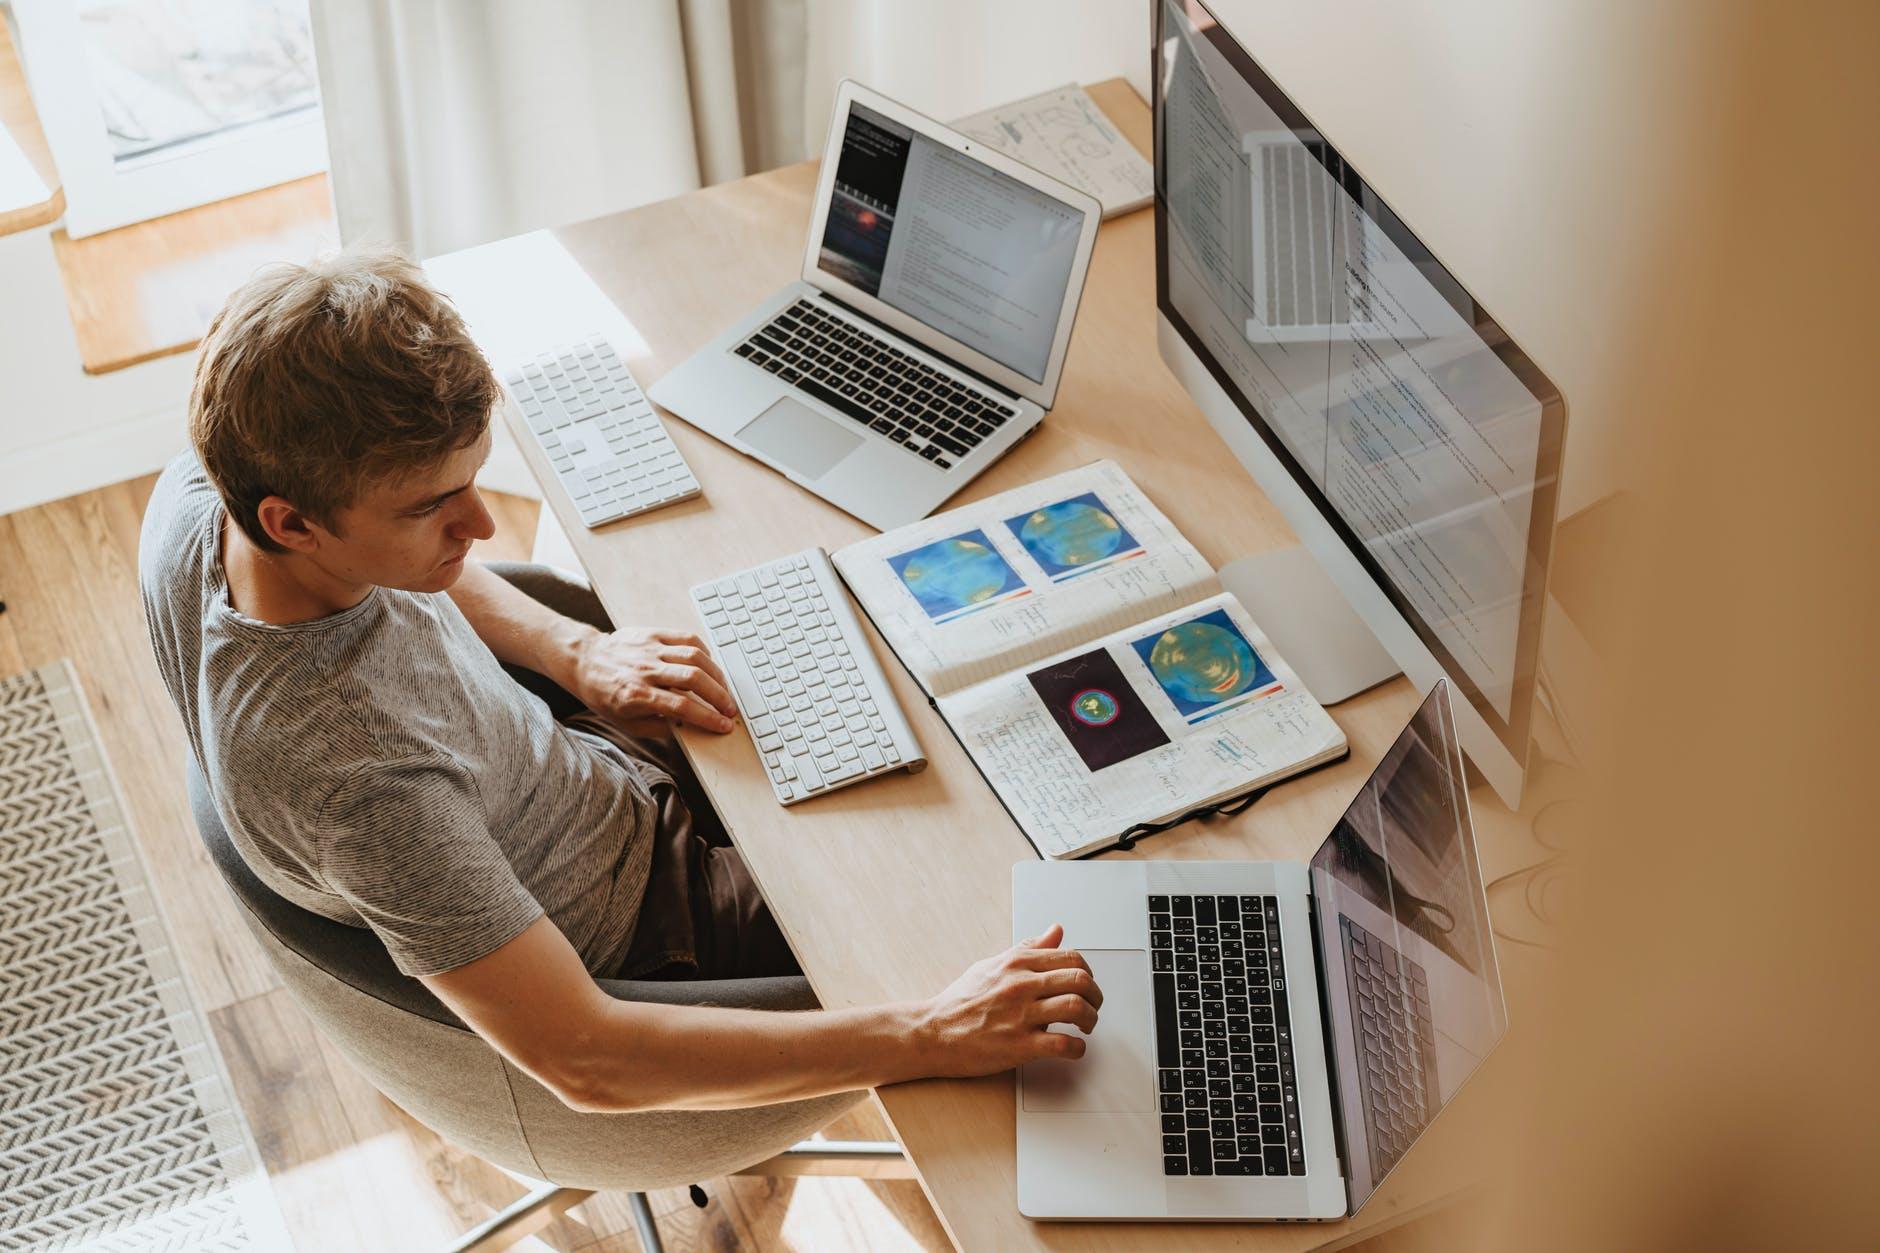 mand som sidder og arbejder ved sit skrivebord